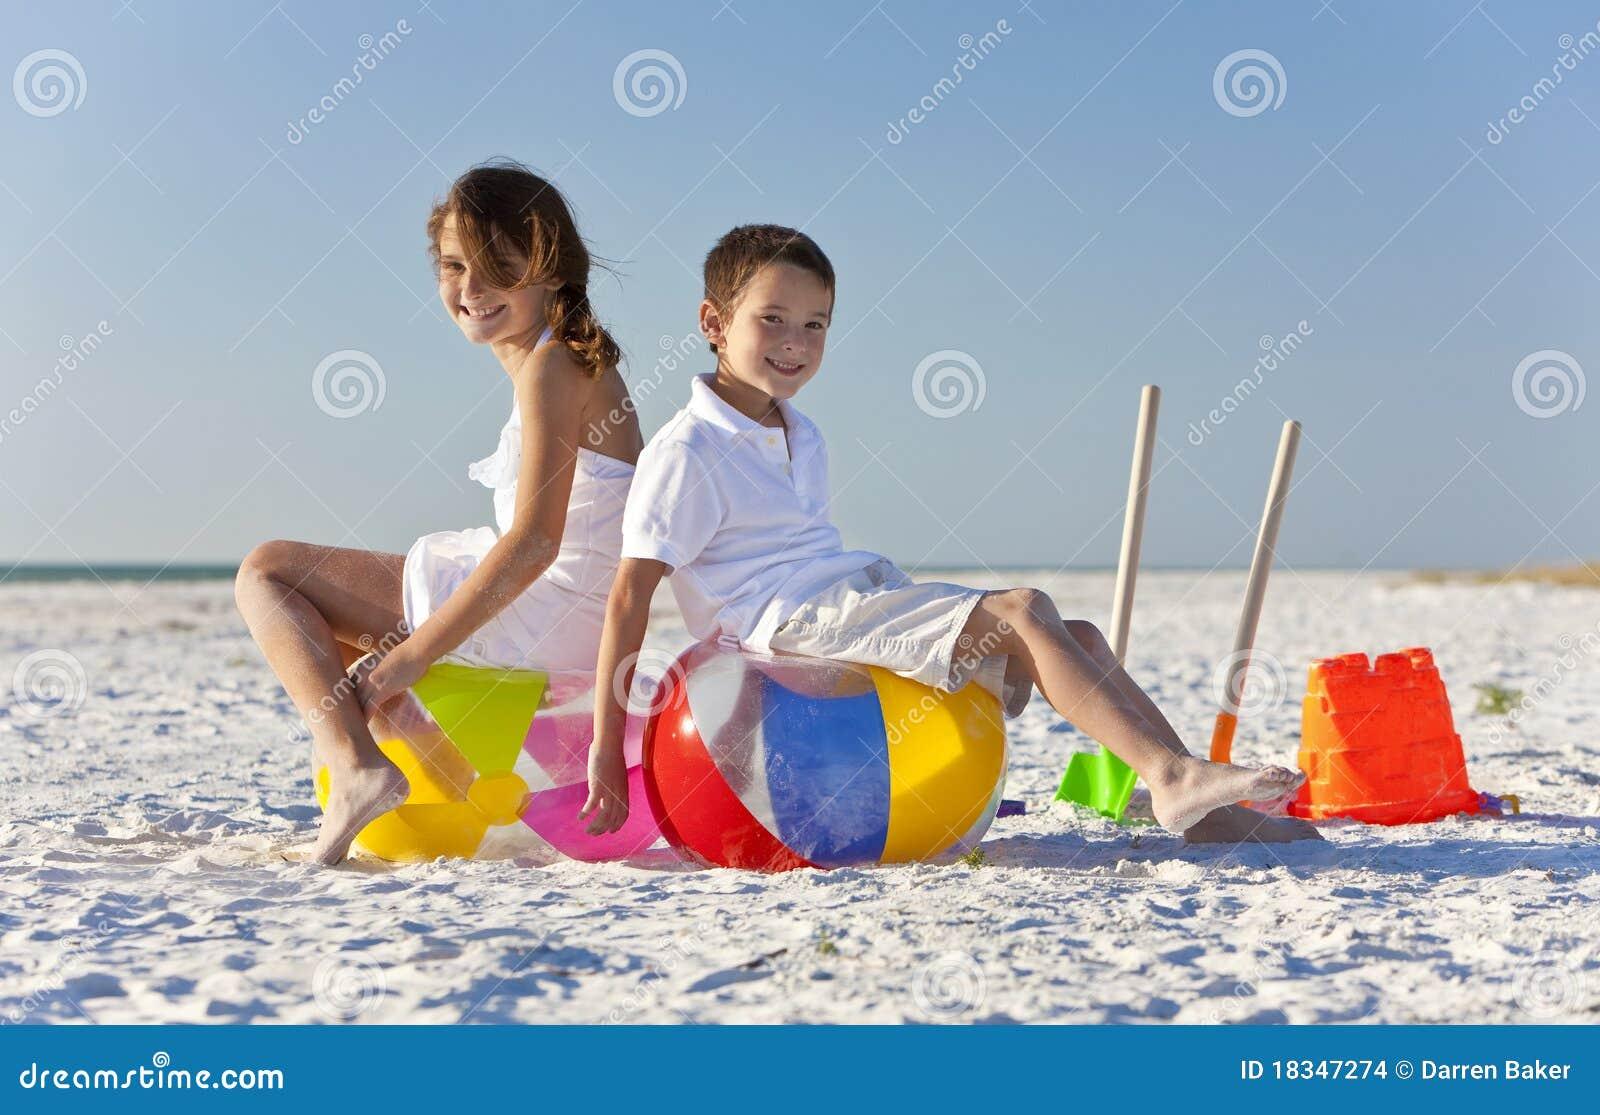 Kinderen jongen en meisje dat op een strand spelen stock afbeeldingen afbeelding 18347274 - Twee meisjes en een jongen ...